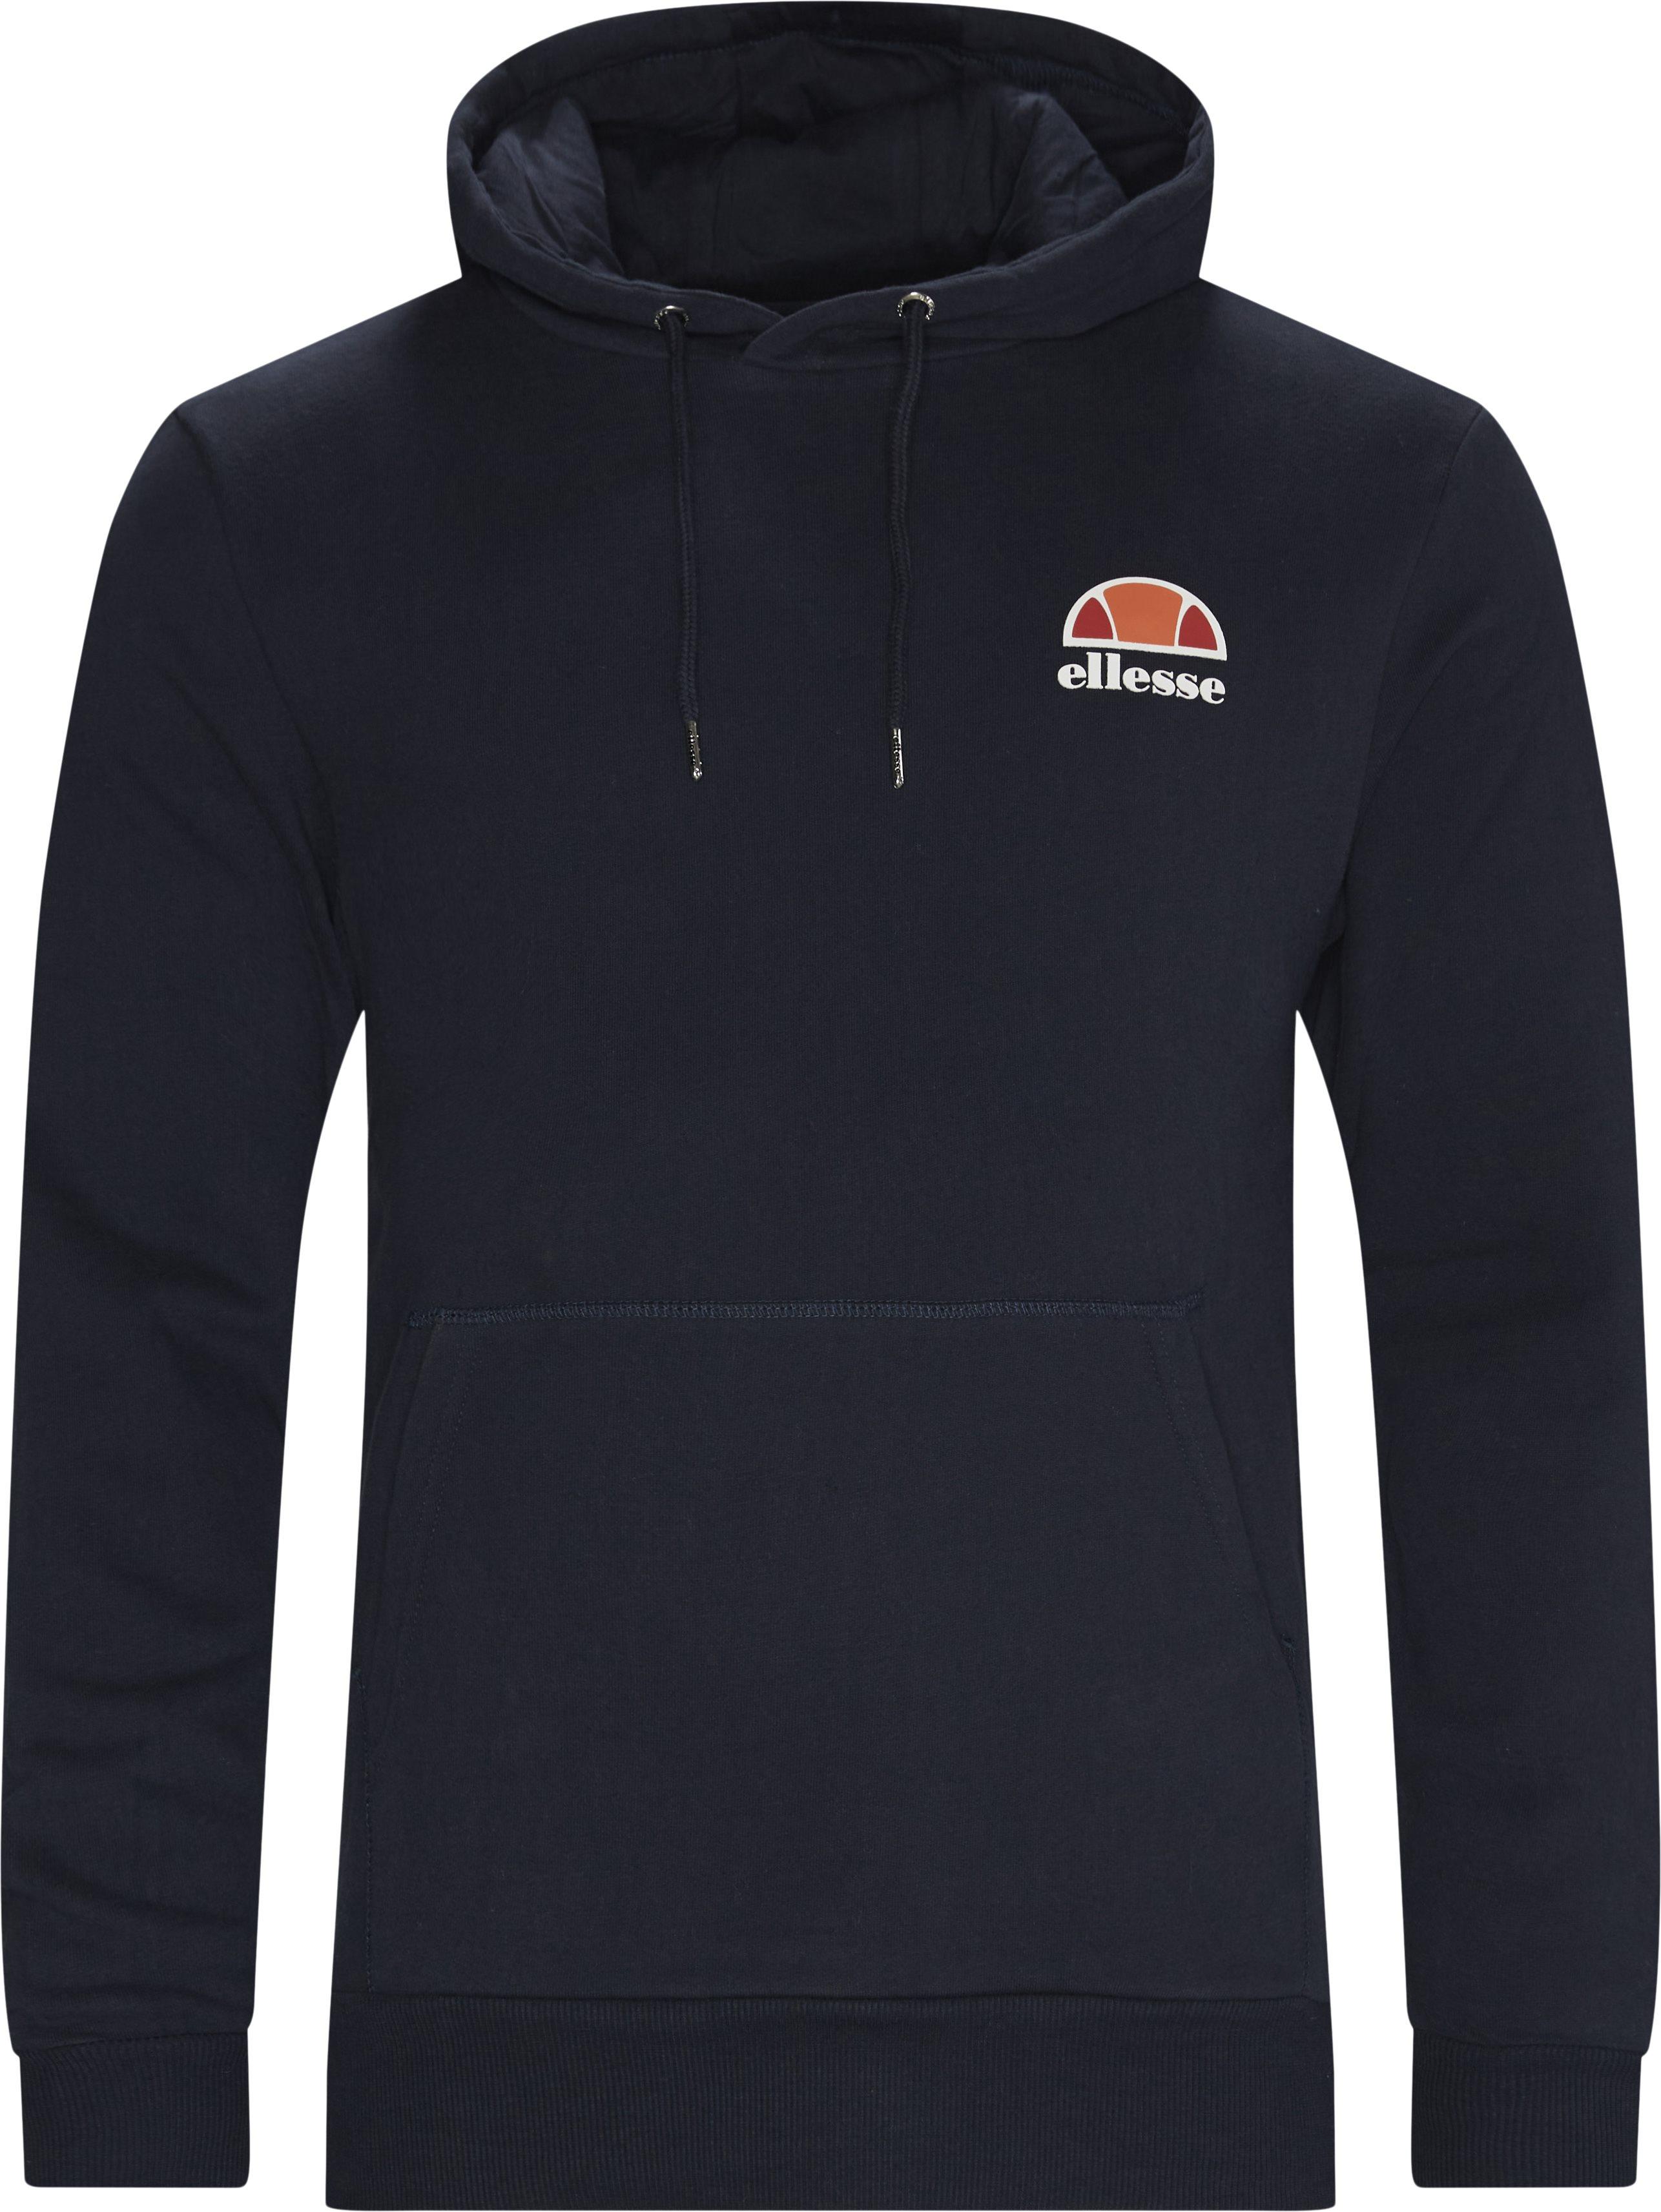 Toce Hoodie - Sweatshirts - Regular fit - Blå